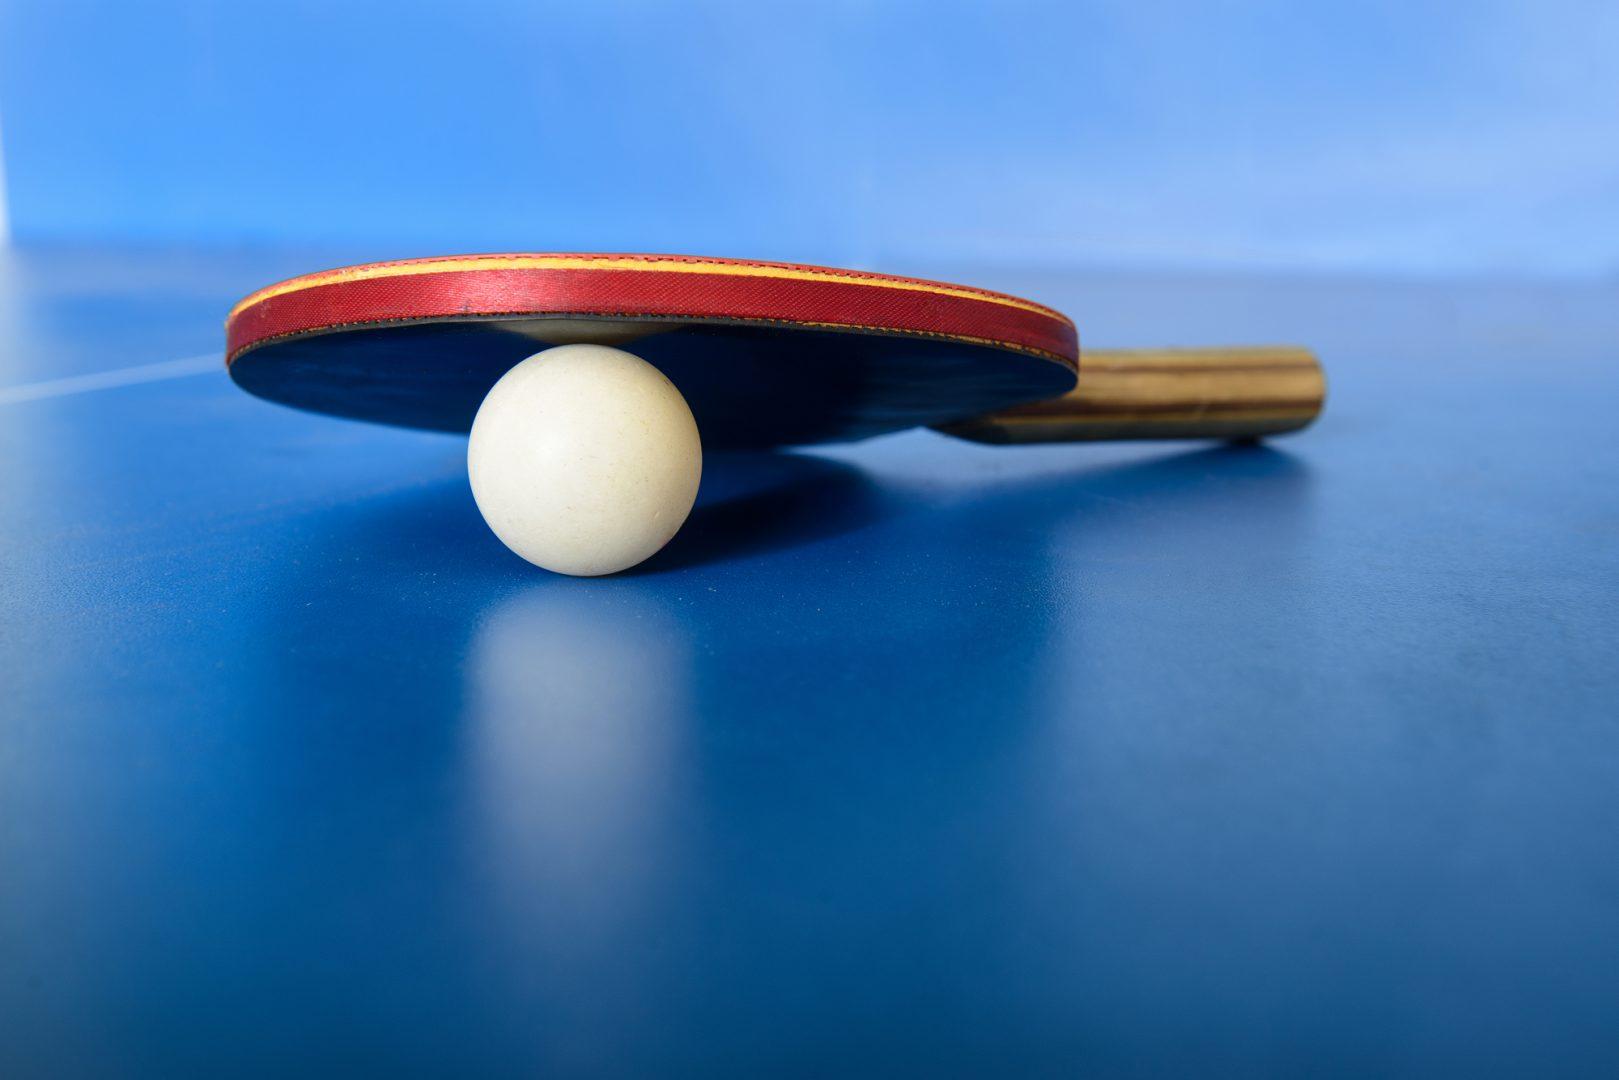 卓球が上手いスパイダーマン、敵・ヴェノムと1ゲーム勝負